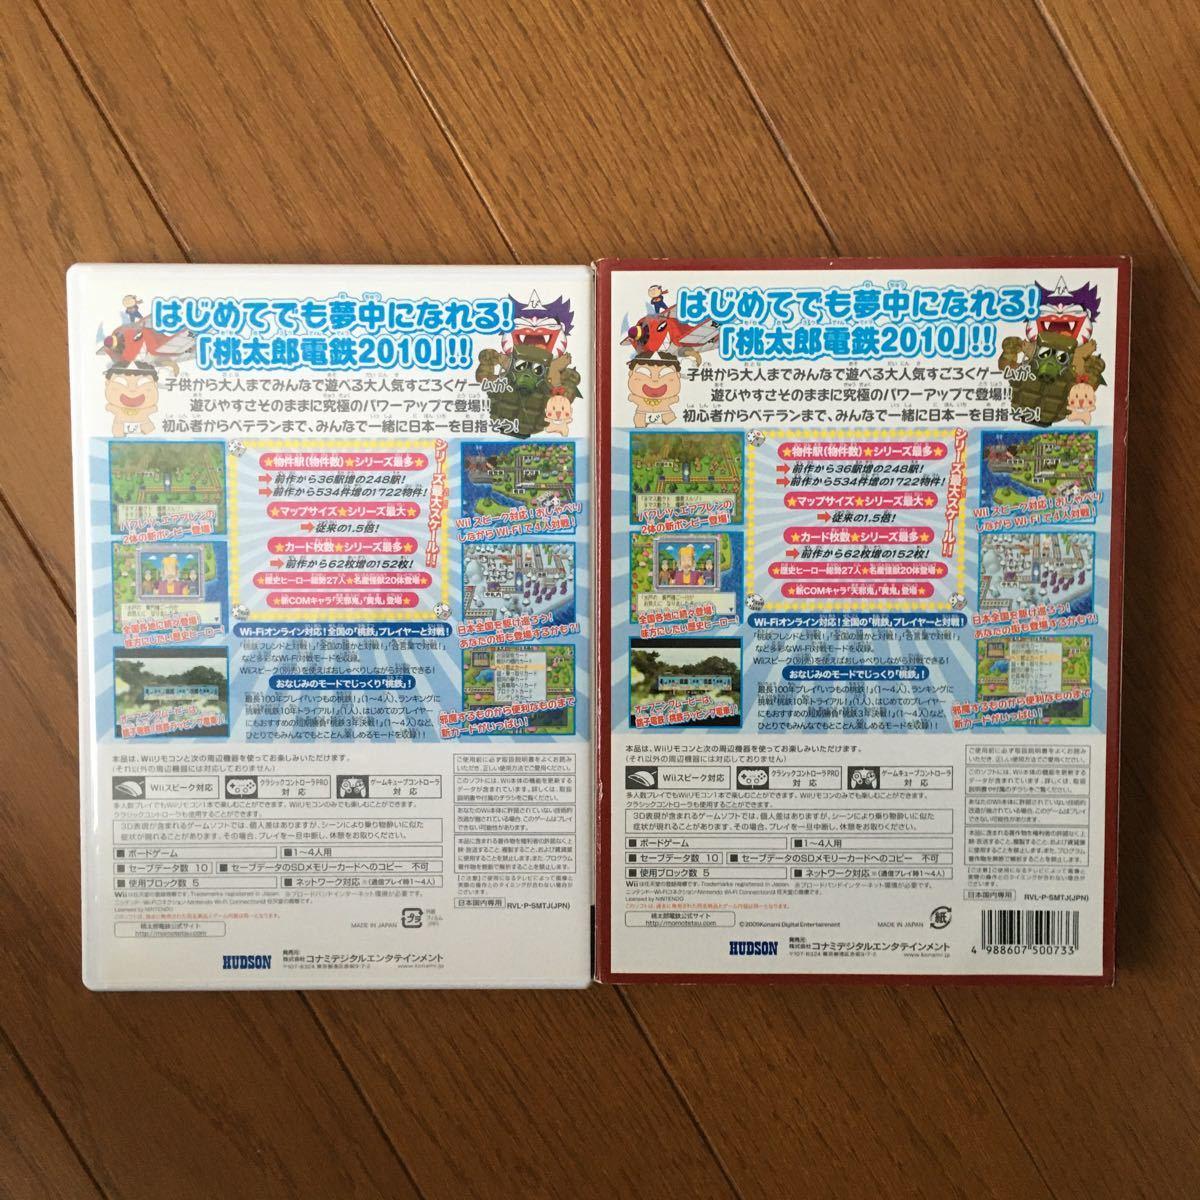 桃太郎電鉄 2010 桃鉄 戦国・維新のヒーロー大集合!の巻 Wii